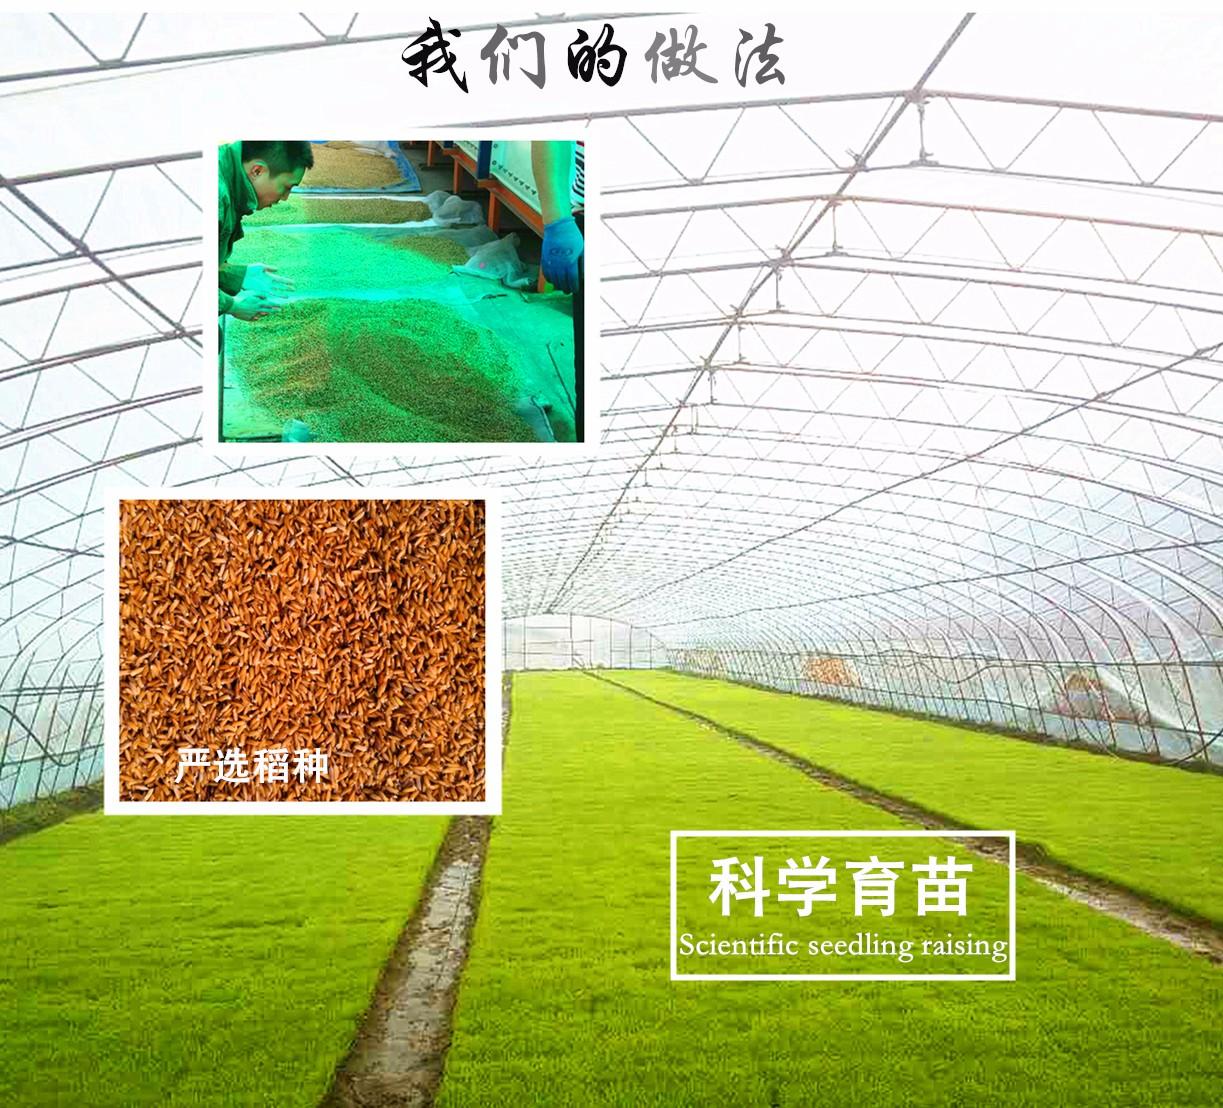 东北大米礼盒 5kg正宗五常大米 精品有机稻花香大米|金典百粒臻-哈尔滨臻品农业科技发展有限公司